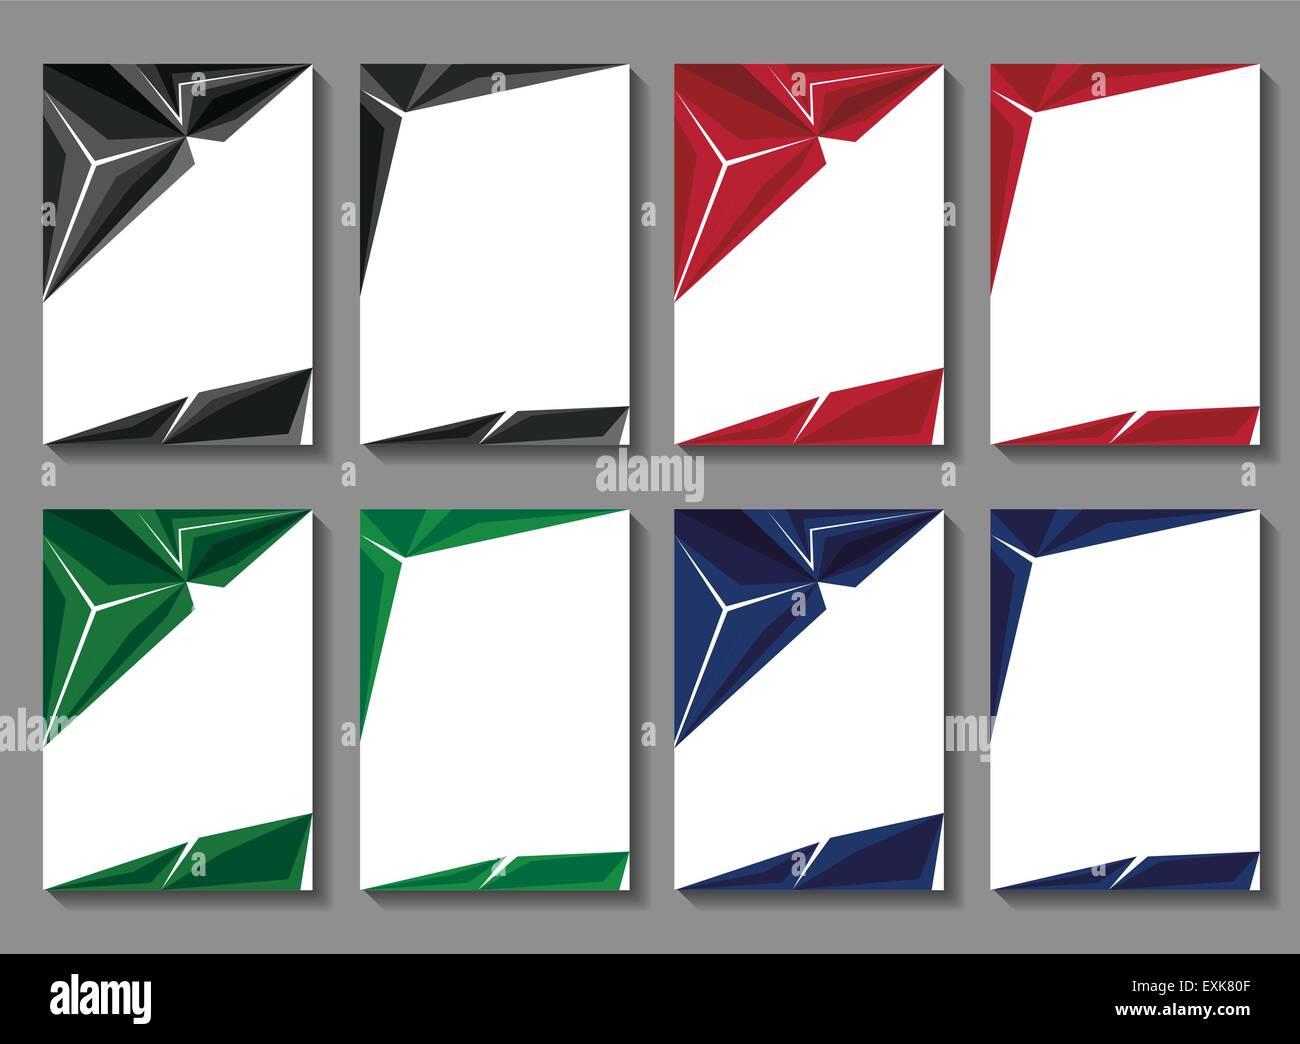 Brochures Templates Stock Vector Art Illustration Vector Image - Brochures templates